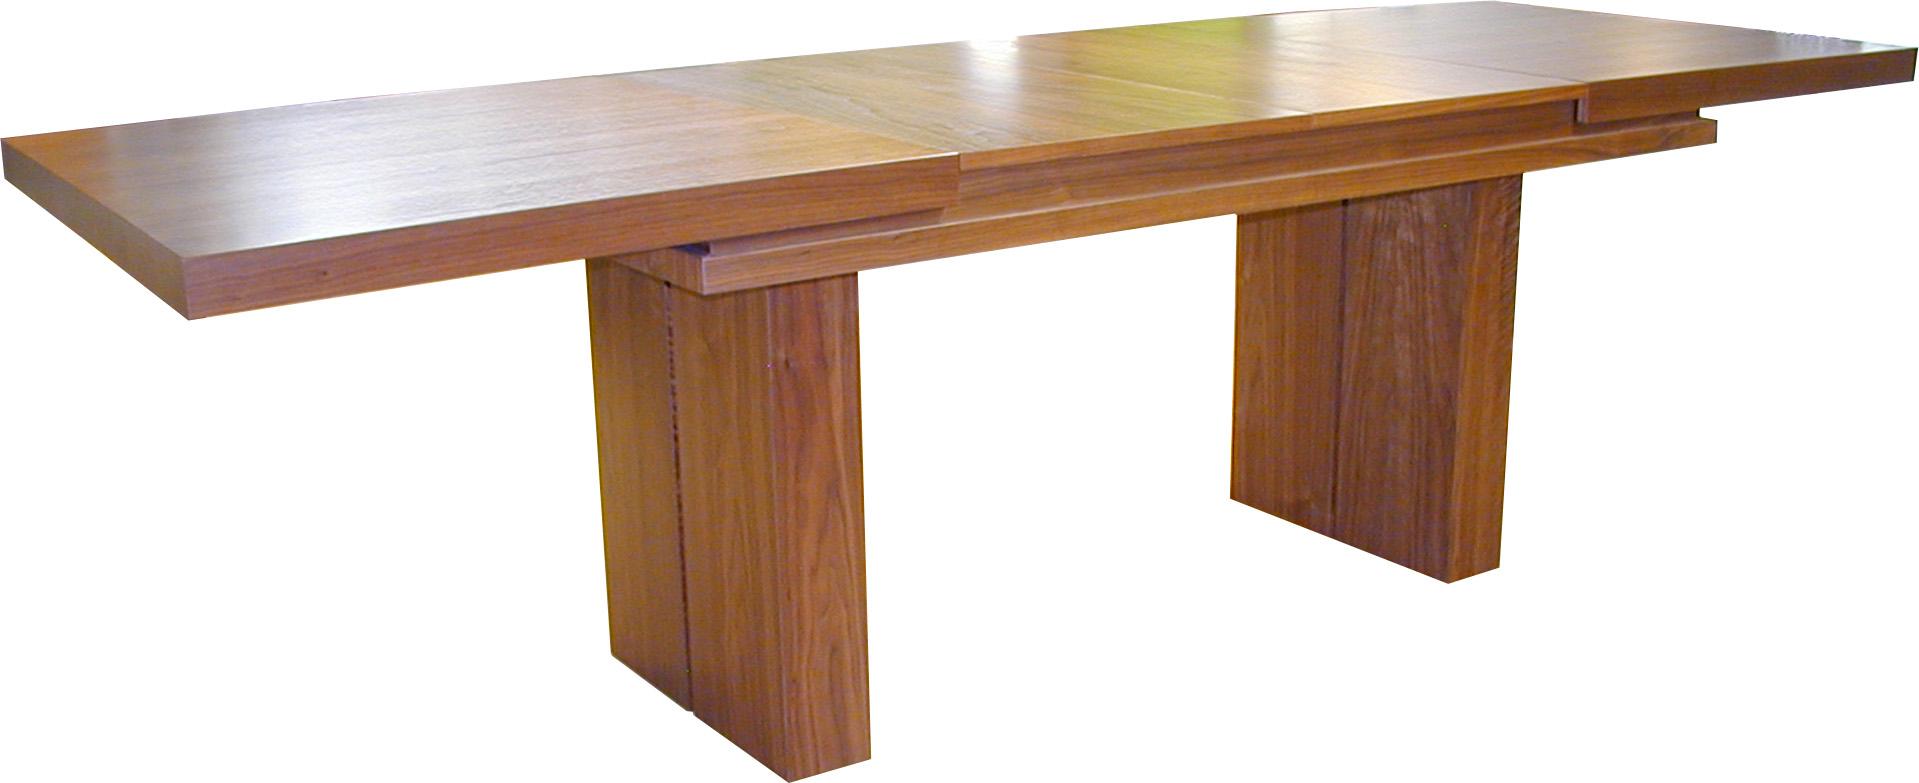 Mesa colum columnas chapeada extensible salon lacada guias - Mesa salon extensible ...